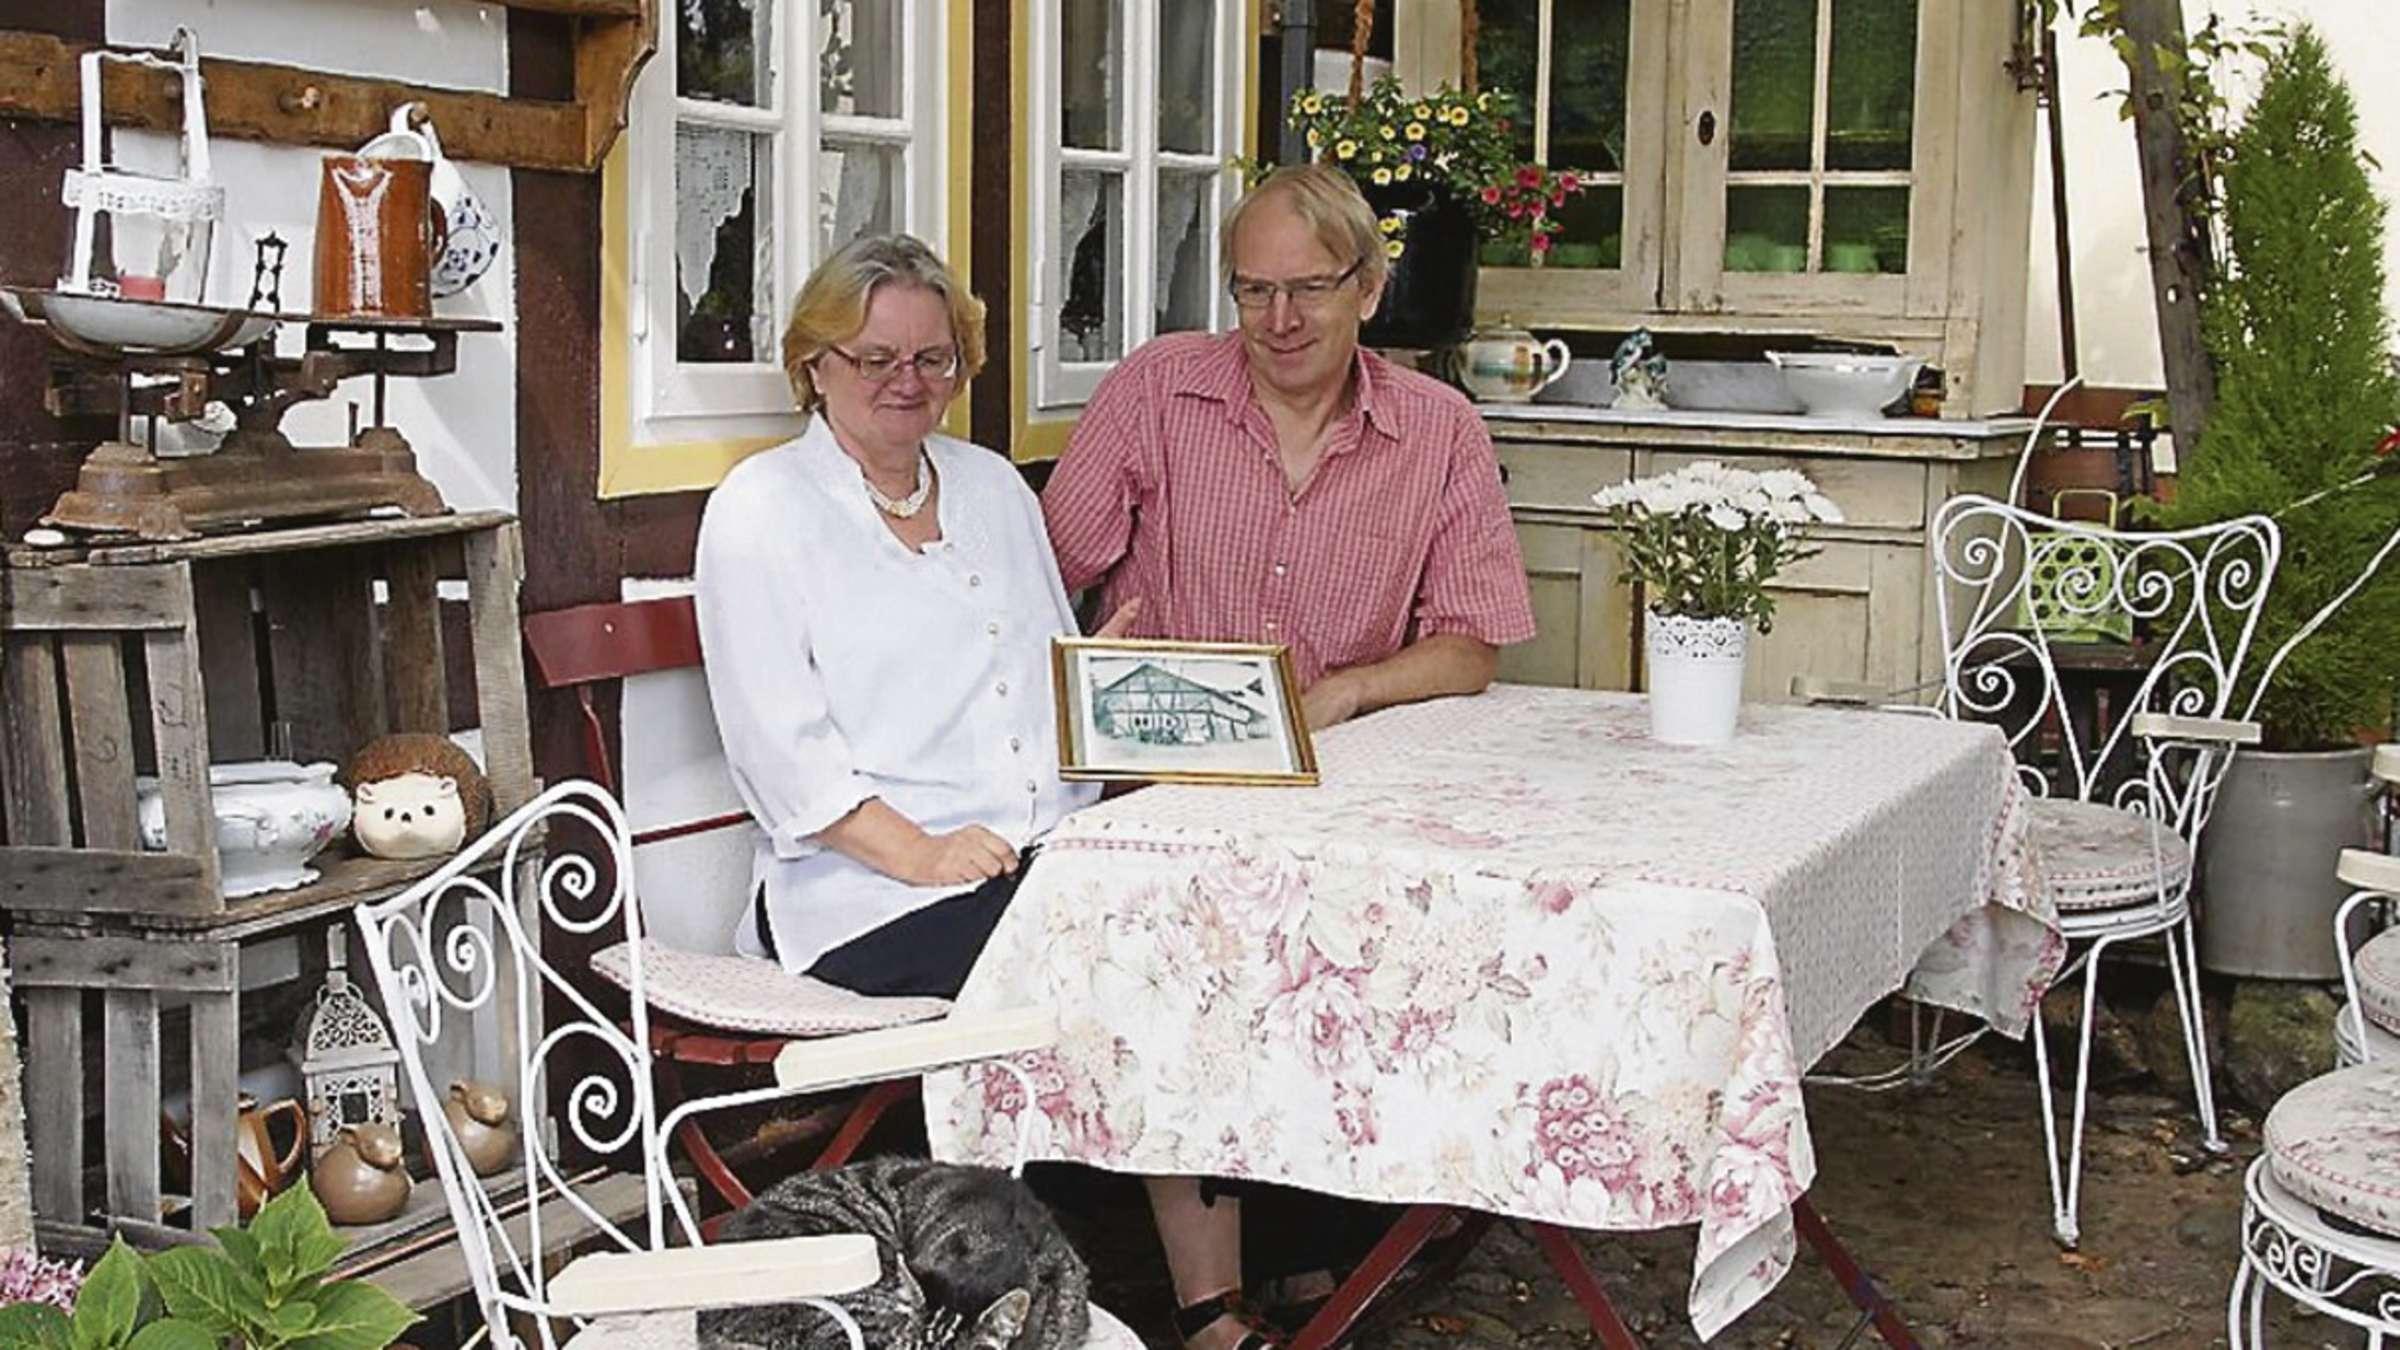 Heike Schafer Und Udo Fink Wohnen Im 230 Jahre Alten Keunecke Haus Barnstorf